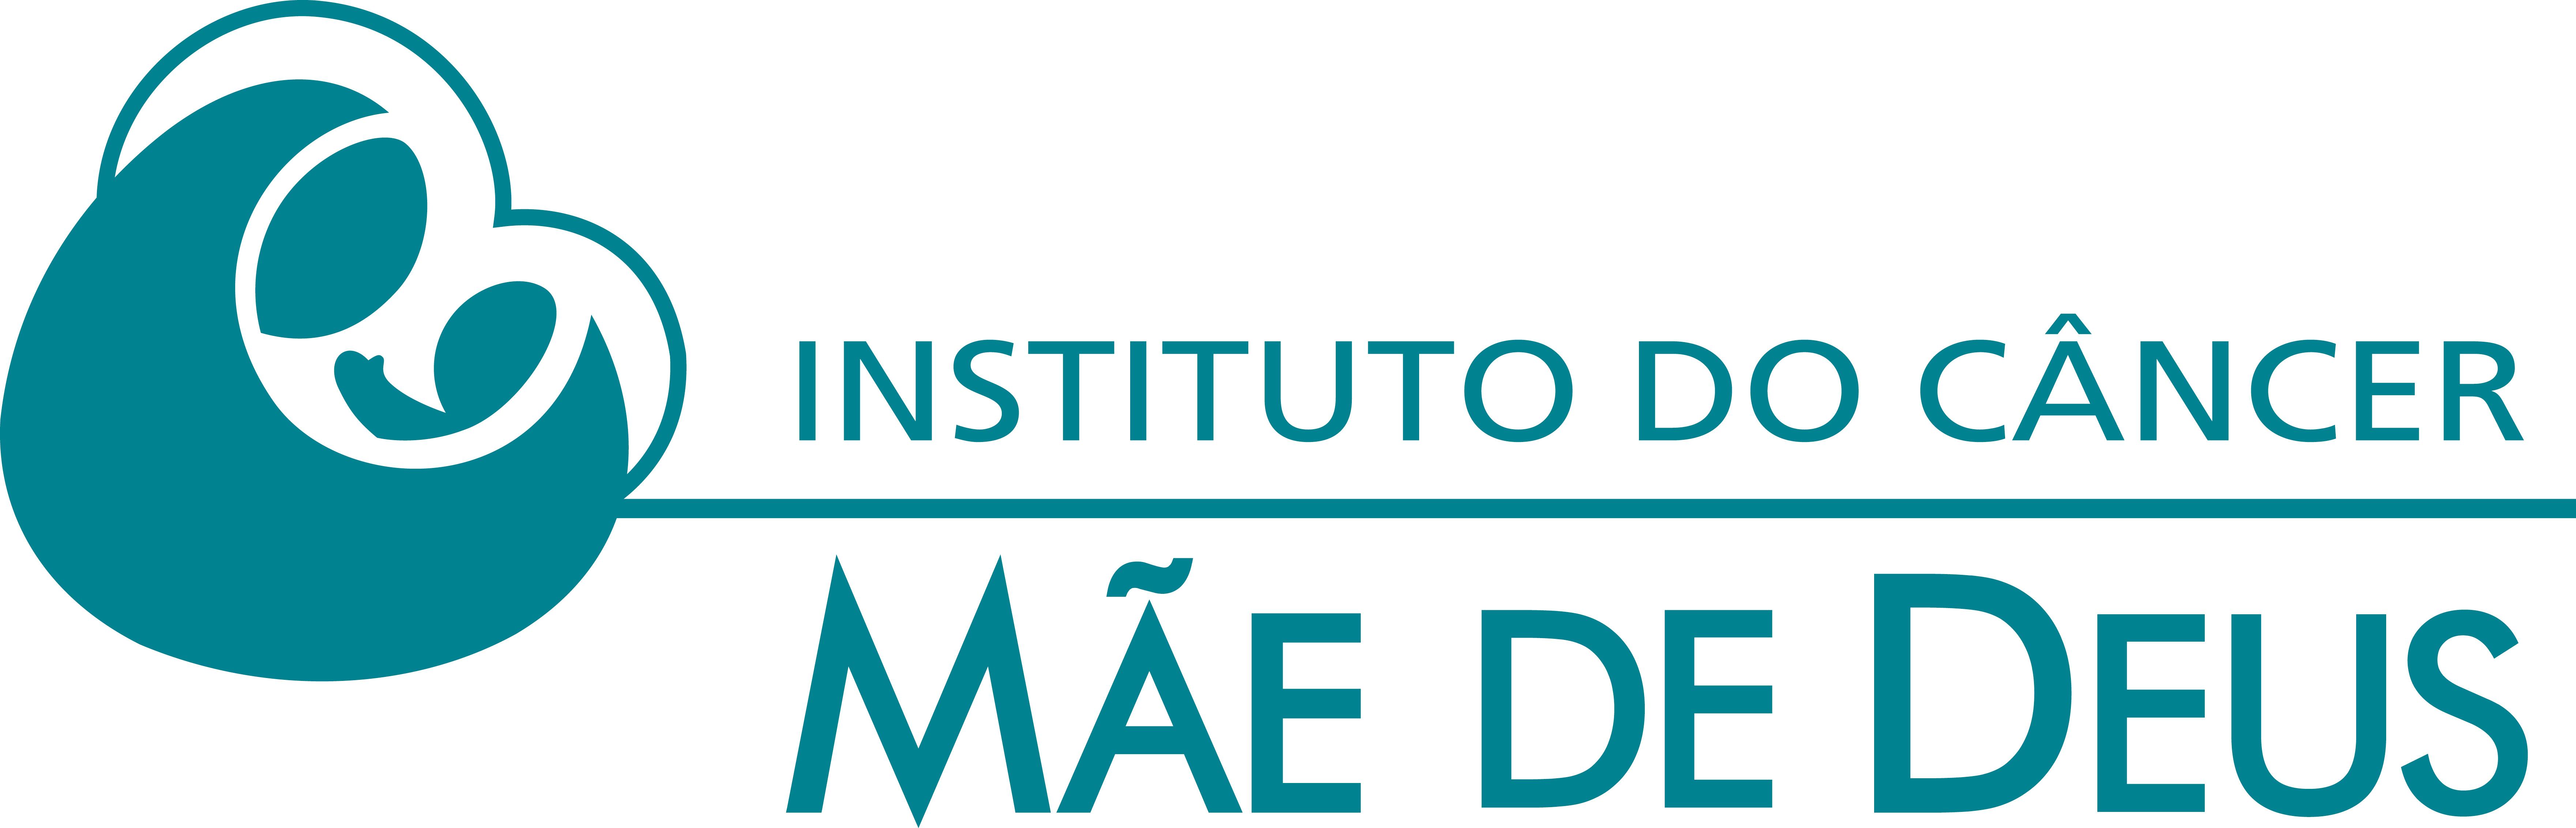 Instituto do Câncer Mãe de Deus